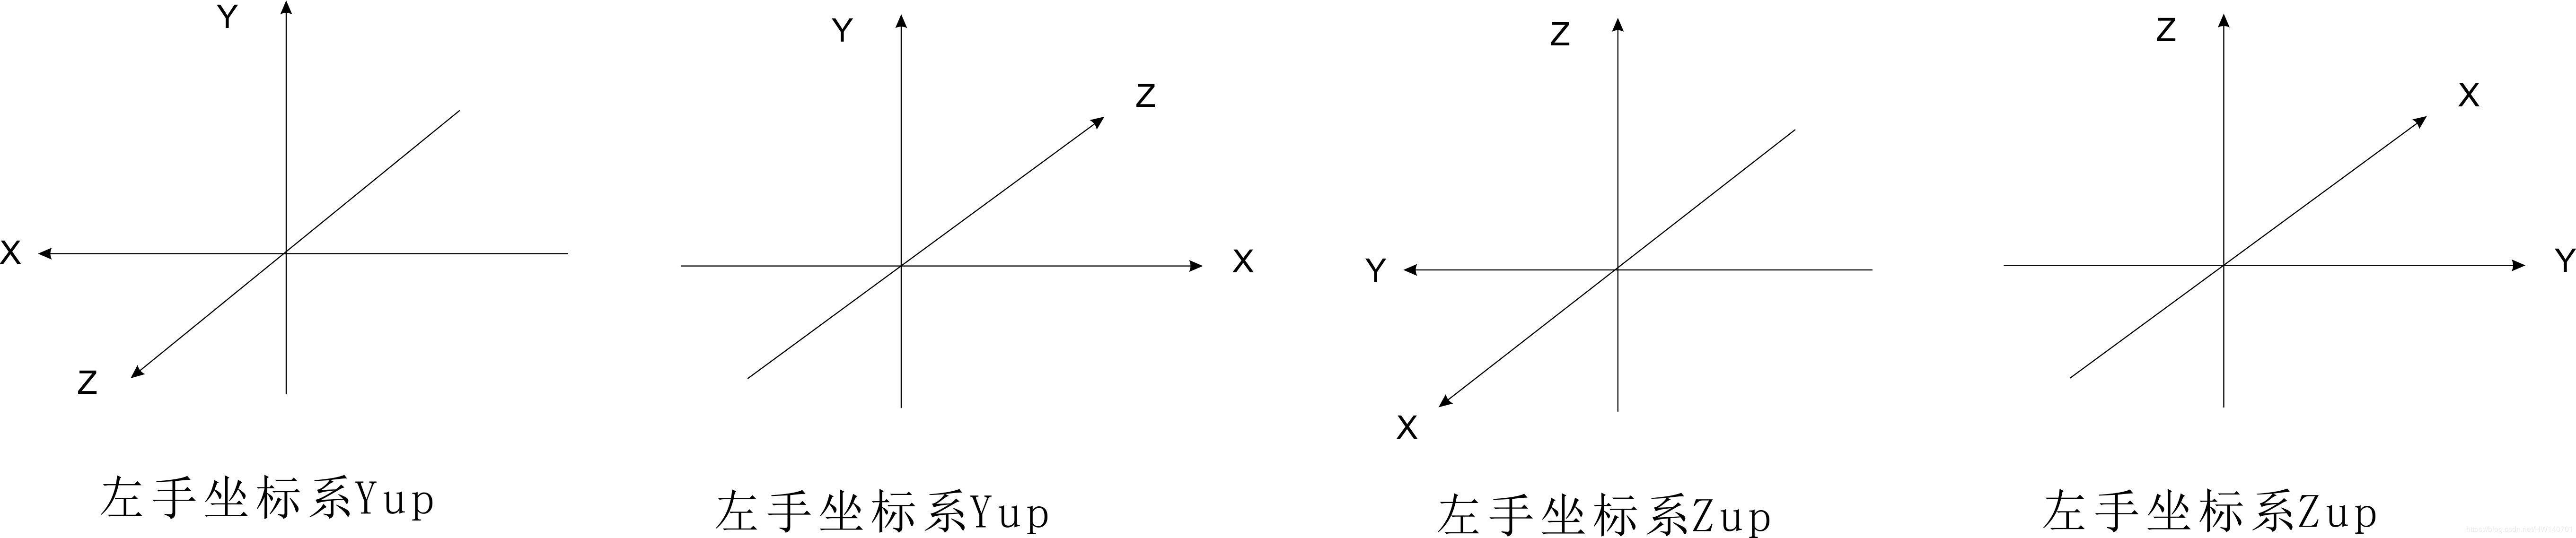 左手坐标系与右手坐标系